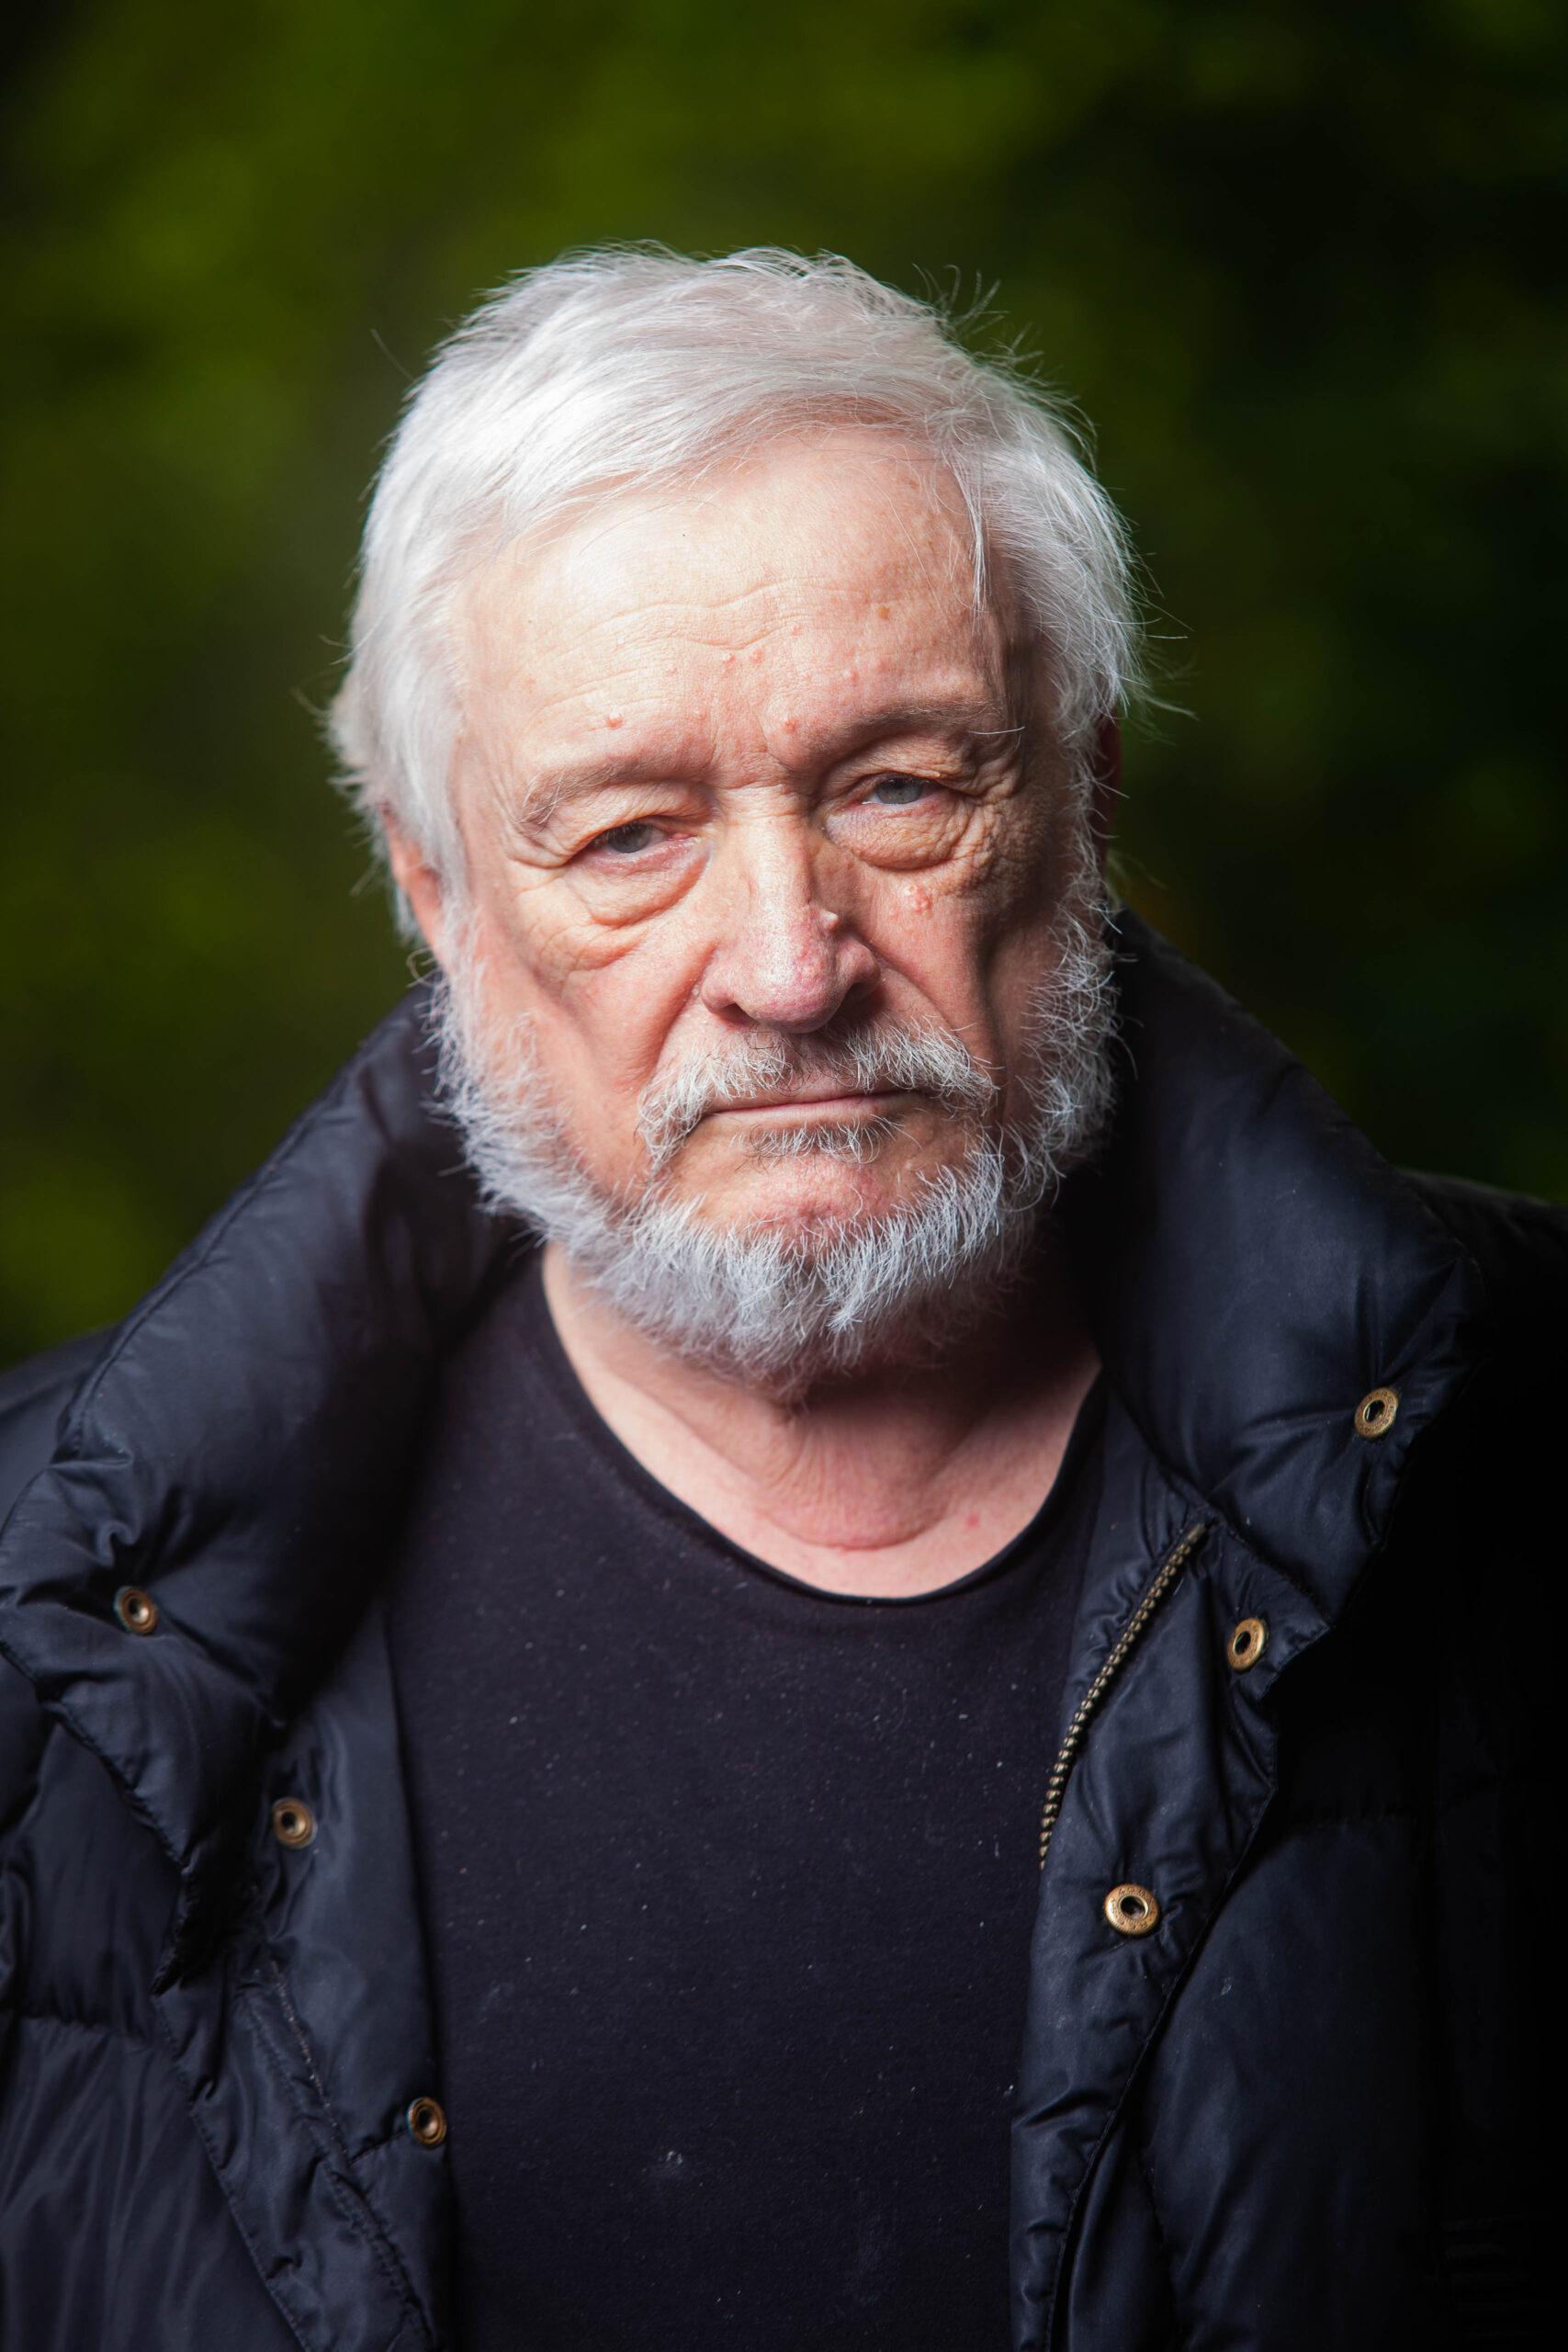 Stanisław Wieczorek laureat Nagrody im. Norwida w kategorii sztuki plastyczne 2020